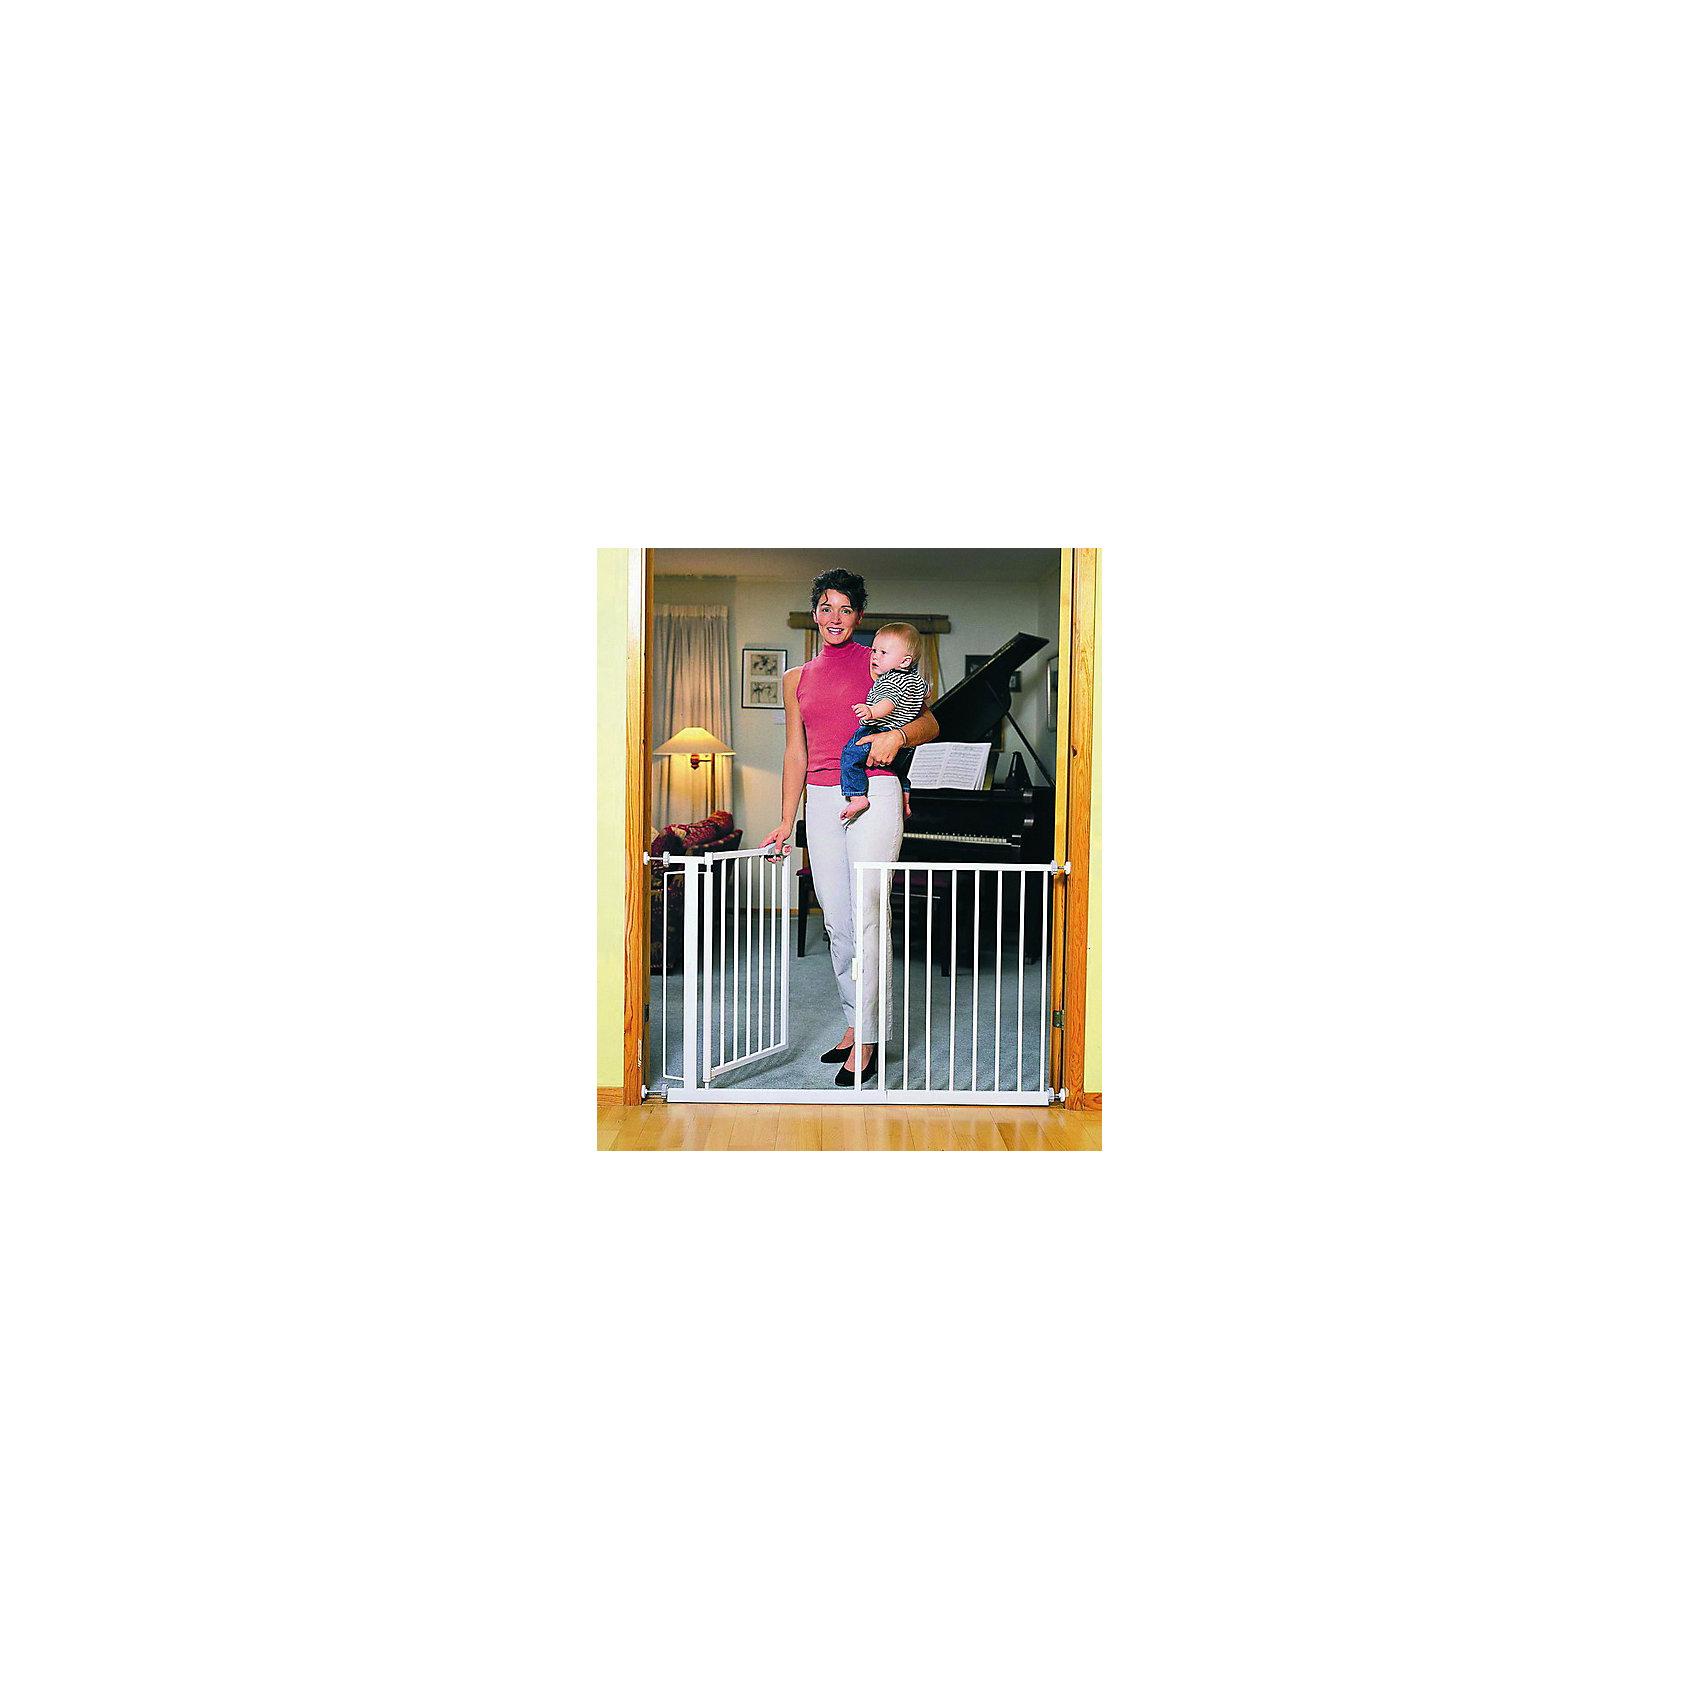 Ворота безопасности 75-82 см, Red CastleБлокирующие и защитные устройства для дома<br>Ворота безопасности 75-82 см, Red Castle (Ред Кастл)<br><br>Характеристики:<br><br>• помогут защитить ребенка от травм и падений<br>• автоматическое закрытие и блокировка<br>• быстро фиксируются при помощи прилегающих чашечек<br>• ребенок не сможет развинтить колесики креплений, благодаря запатентованному механизму крепления<br>• не открываются в одном направлении одновременно<br>• материал: металл с покрытием из белой краски и лака<br>• размер ворот: 75-82х75,5 см<br>• размер упаковки: 65х65х2 см<br>• вес: 6400 грамм<br><br>Ворота безопасности - незаменимая вещь для родителей. Они помогут защитить вашего малыша от травм, падений и других опасных ситуаций. Ворота можно установить в лестничный проем или проход, который должен быть недоступен для ребенка. Конструкция устанавливается без сверления, и фиксируется при помощи плотно прилегающих чашечек. <br><br>Колесики креплений оснащены специальным запатентованным механизмом, поэтому ваш кроха не сможет справиться с ними самостоятельно. Ширина ворот регулируется от 75 до 82 см. Дверца автоматически закрывается и блокируется, если вы забудете это сделать. Ворота безопасности помогут позаботиться о вашем малыше!<br><br>Ворота безопасности 75-82 см, Red Castle (Ред Кастл) вы можете купить в нашем интернет-магазине.<br><br>Ширина мм: 820<br>Глубина мм: 10<br>Высота мм: 751<br>Вес г: 6360<br>Возраст от месяцев: -2147483648<br>Возраст до месяцев: 2147483647<br>Пол: Унисекс<br>Возраст: Детский<br>SKU: 5445688